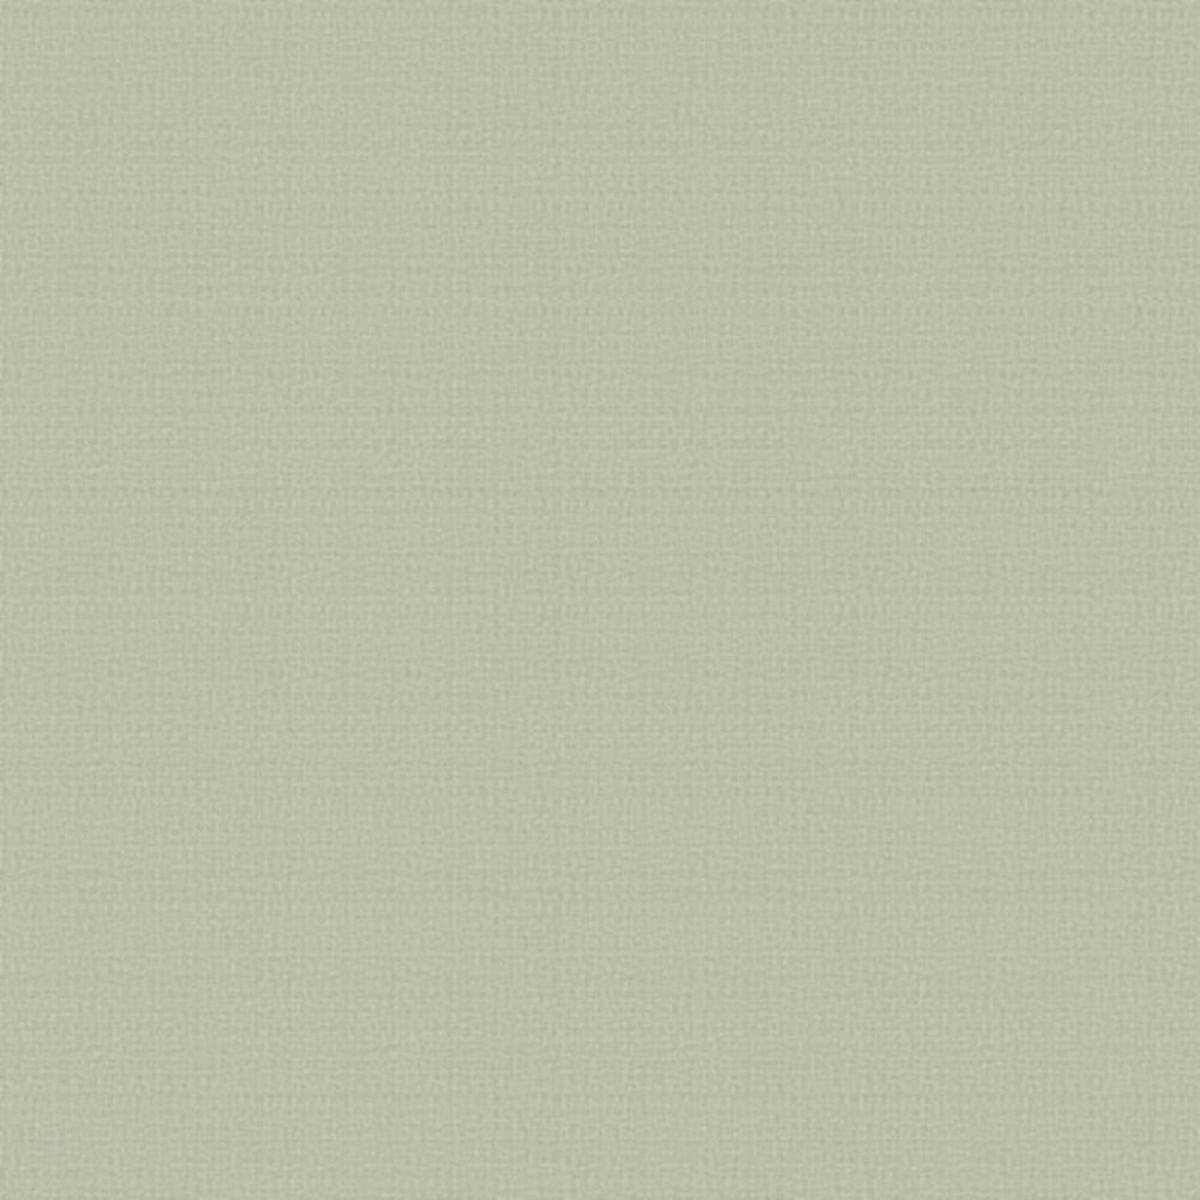 Обои виниловые Aura Texture World серые 0.53 м H2991005